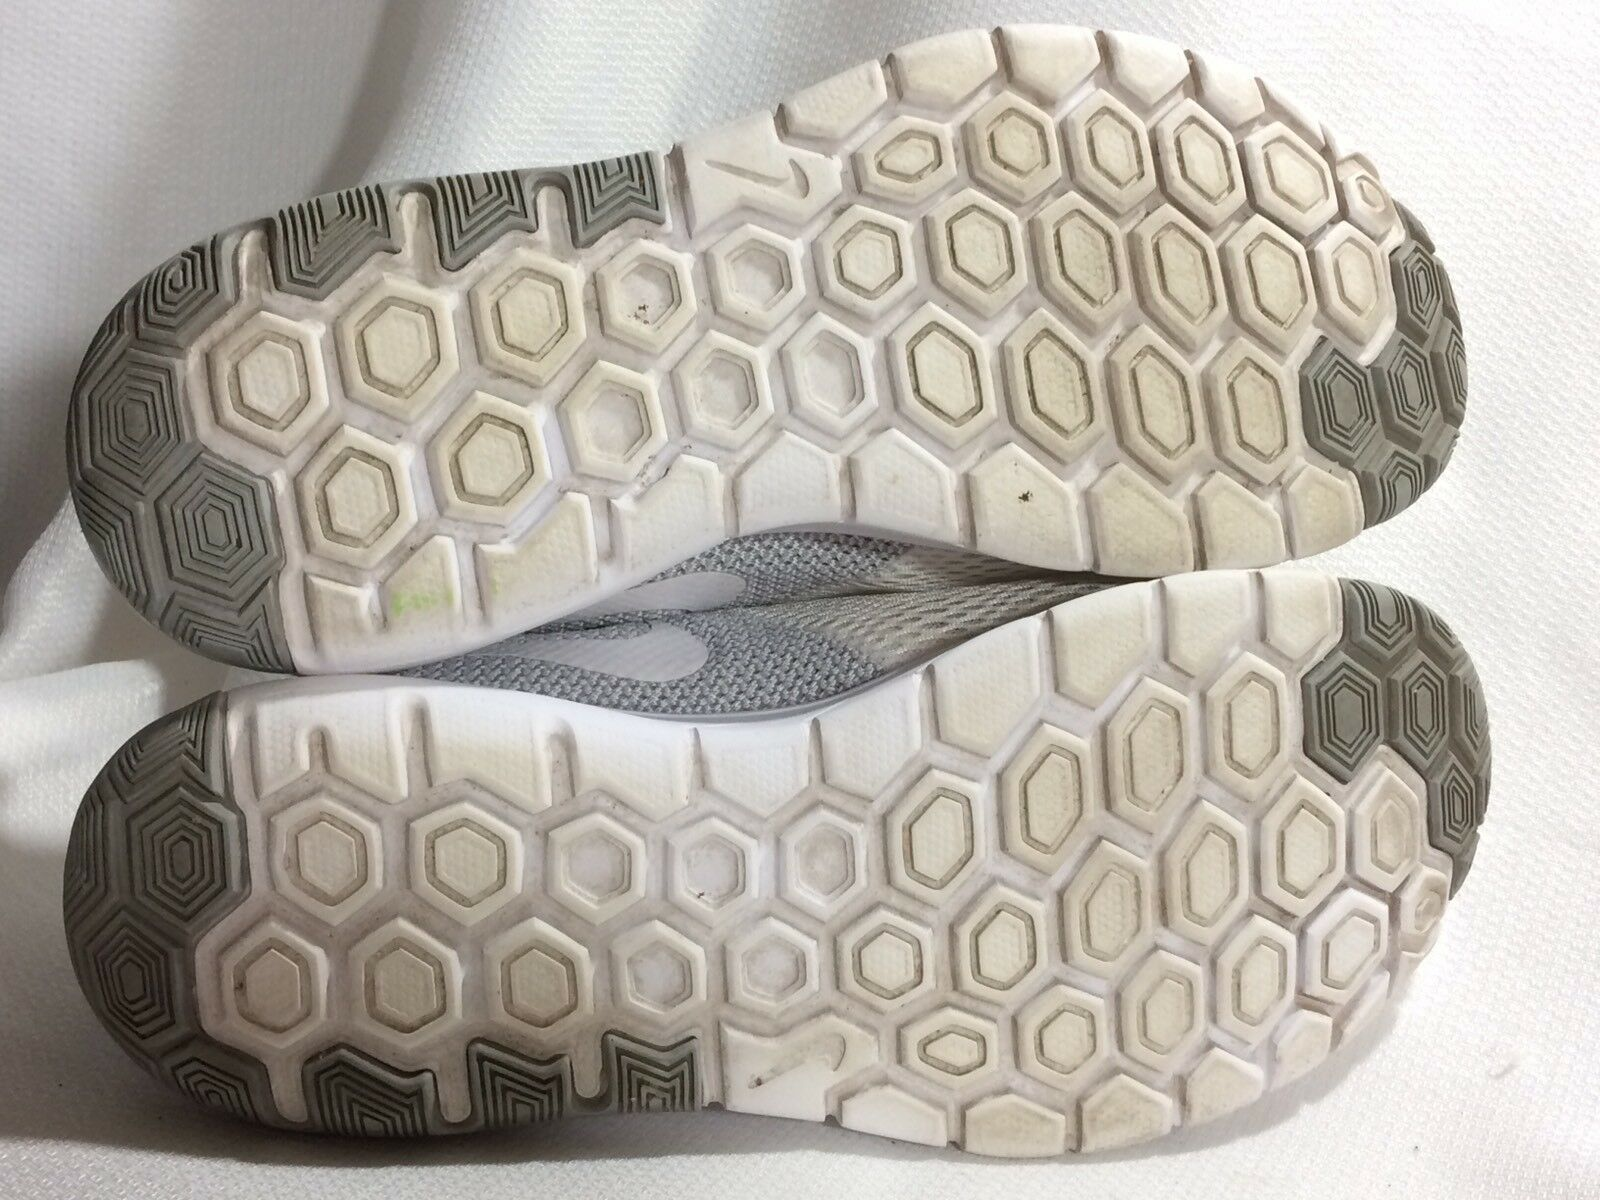 new product bd32c 8cb66 ... NIKE Women 8.5 M Flex Experience RN 5 Running Shoe Shoe Shoe 844729-100  Sneaker